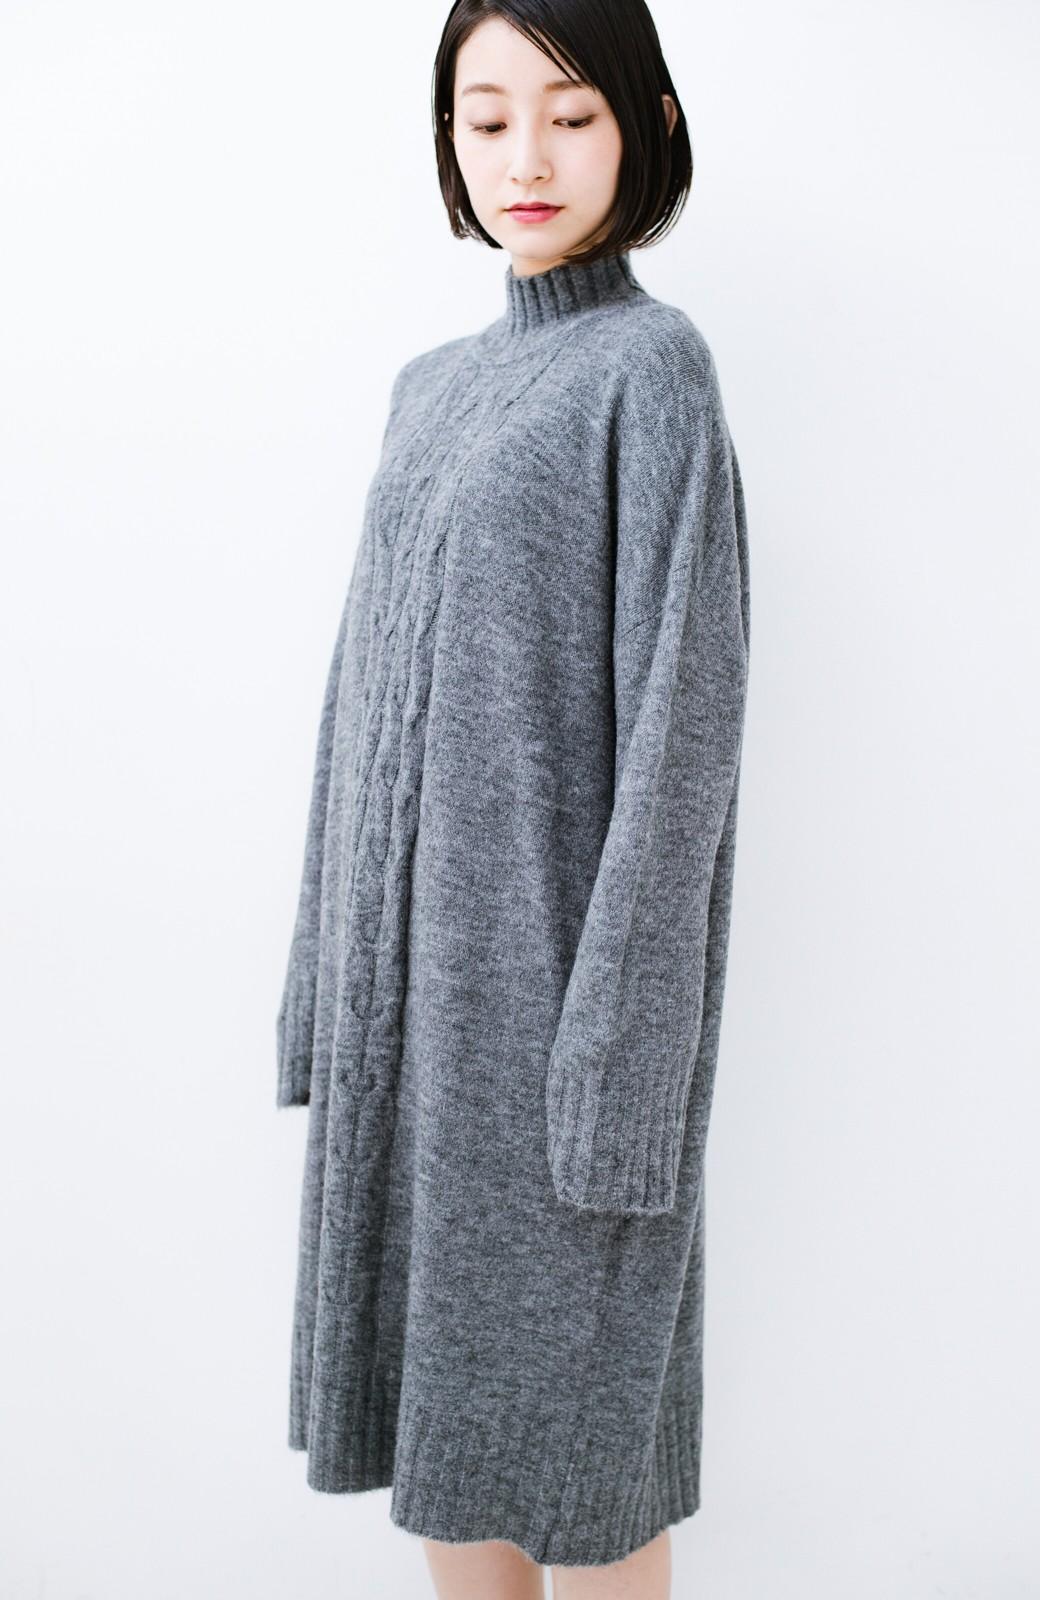 haco! お寝坊さんの着るだけ素敵服 ぱふっとシルエットのケーブル柄ニットワンピース <杢グレー>の商品写真10